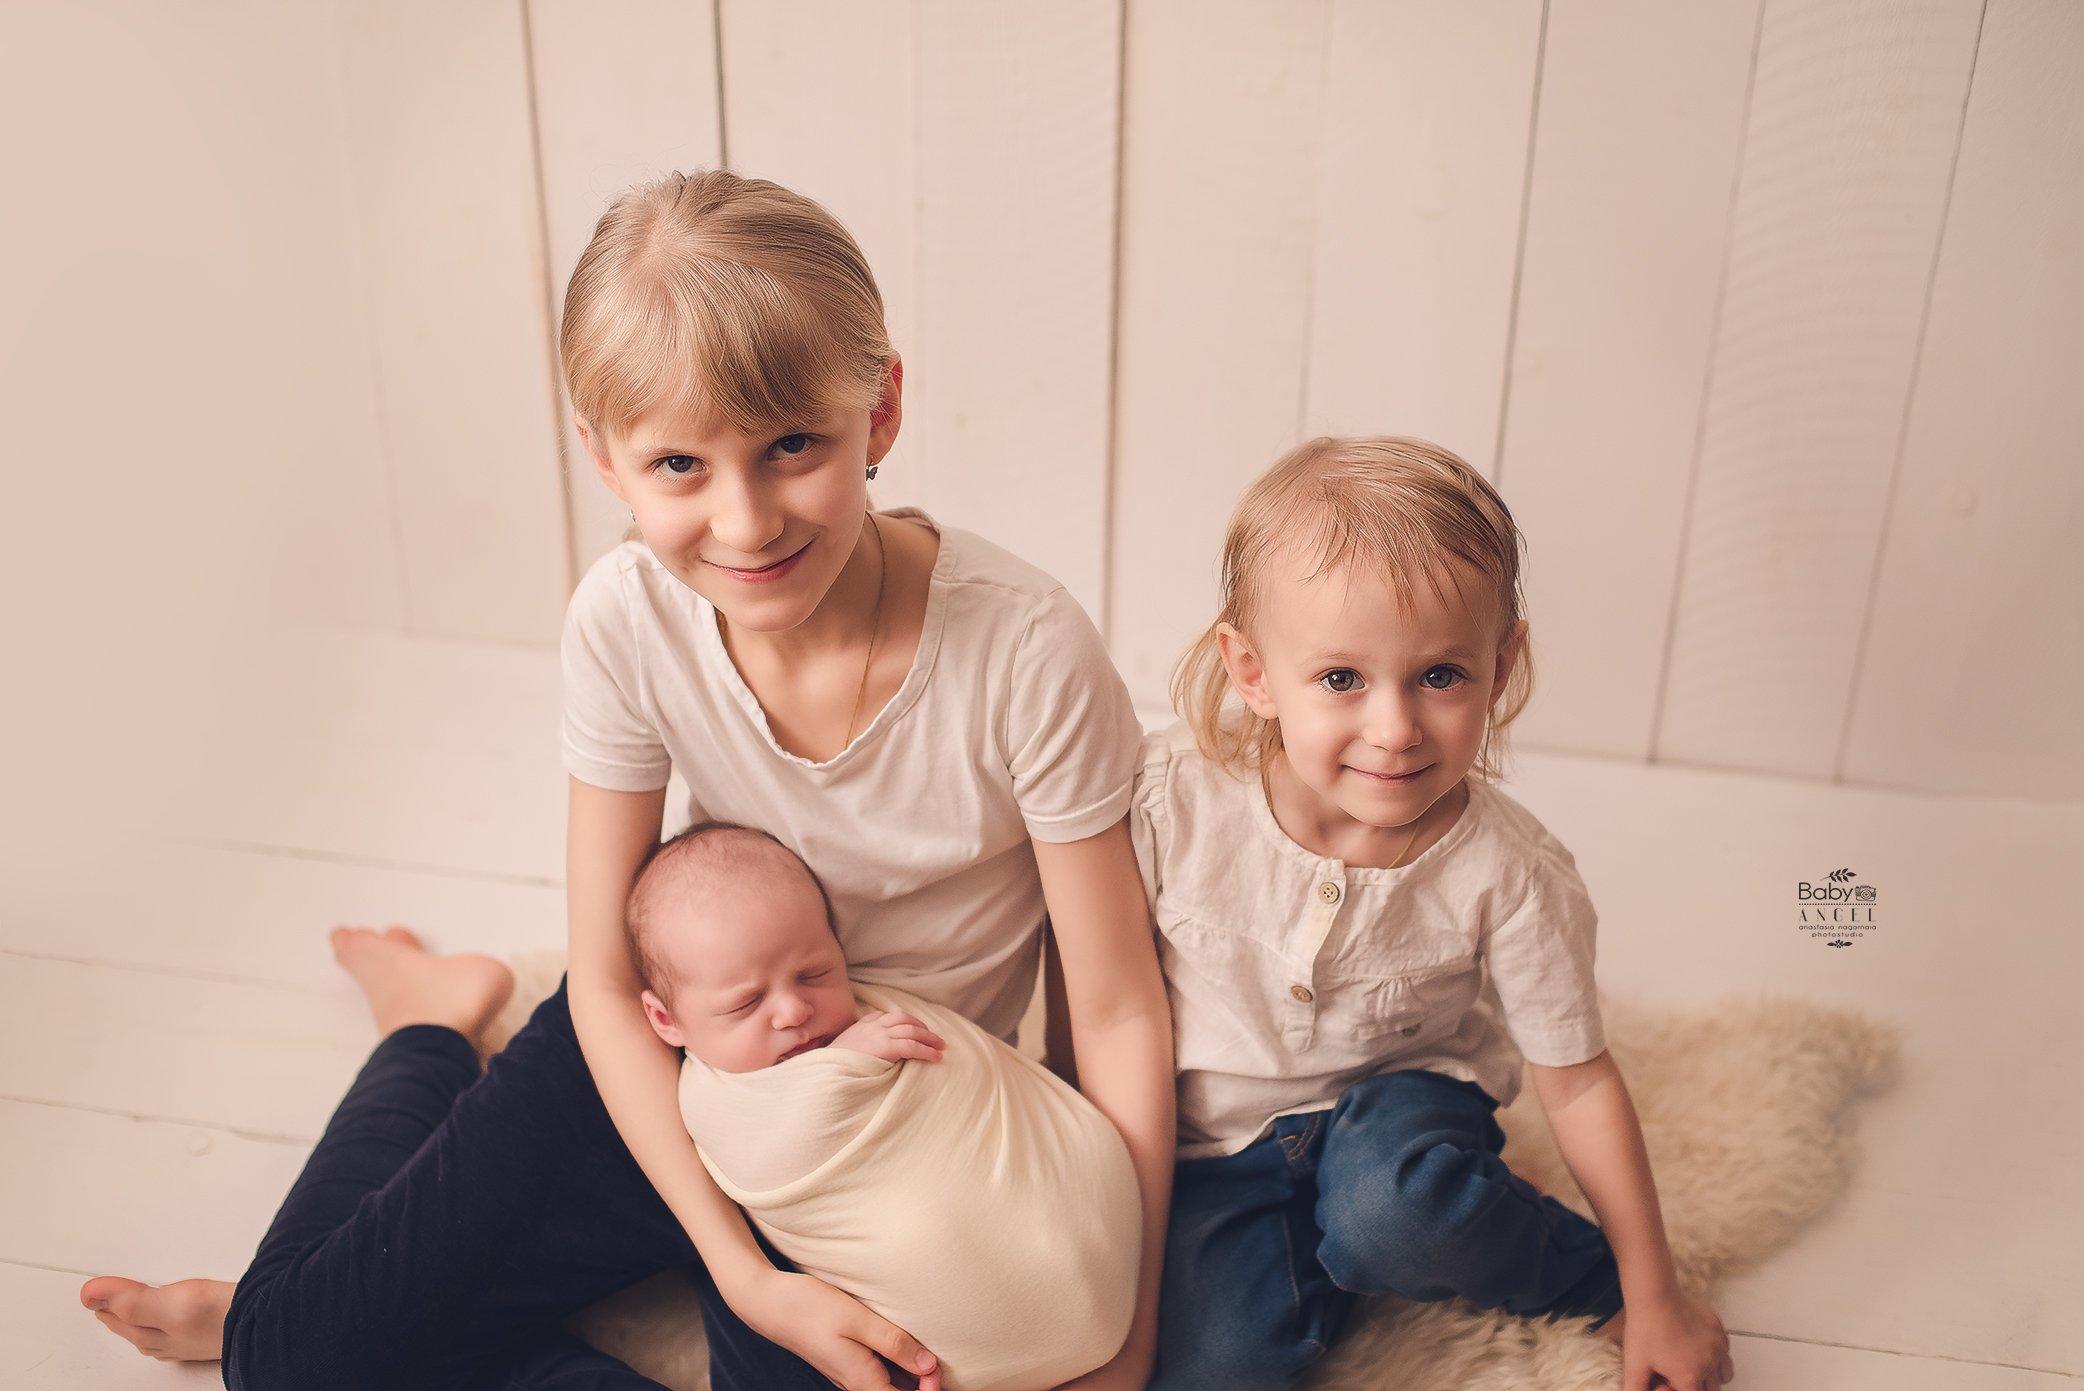 новорожденный, малыш, newborn, детки, Анастасия Нагорная